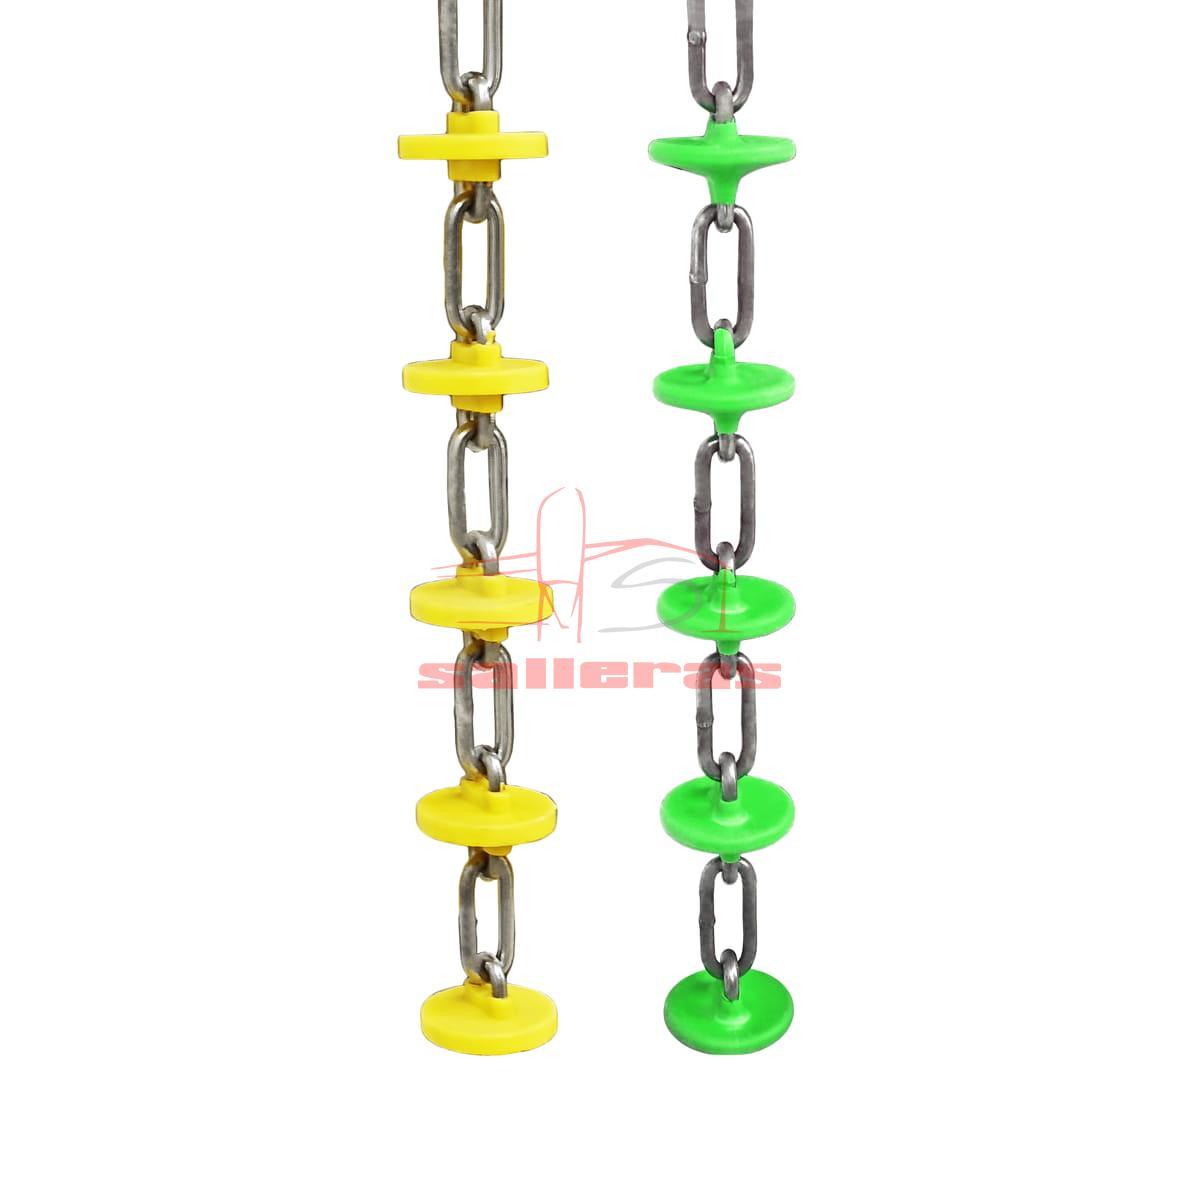 Dos cadenas de arrastre de color verde y amarillo